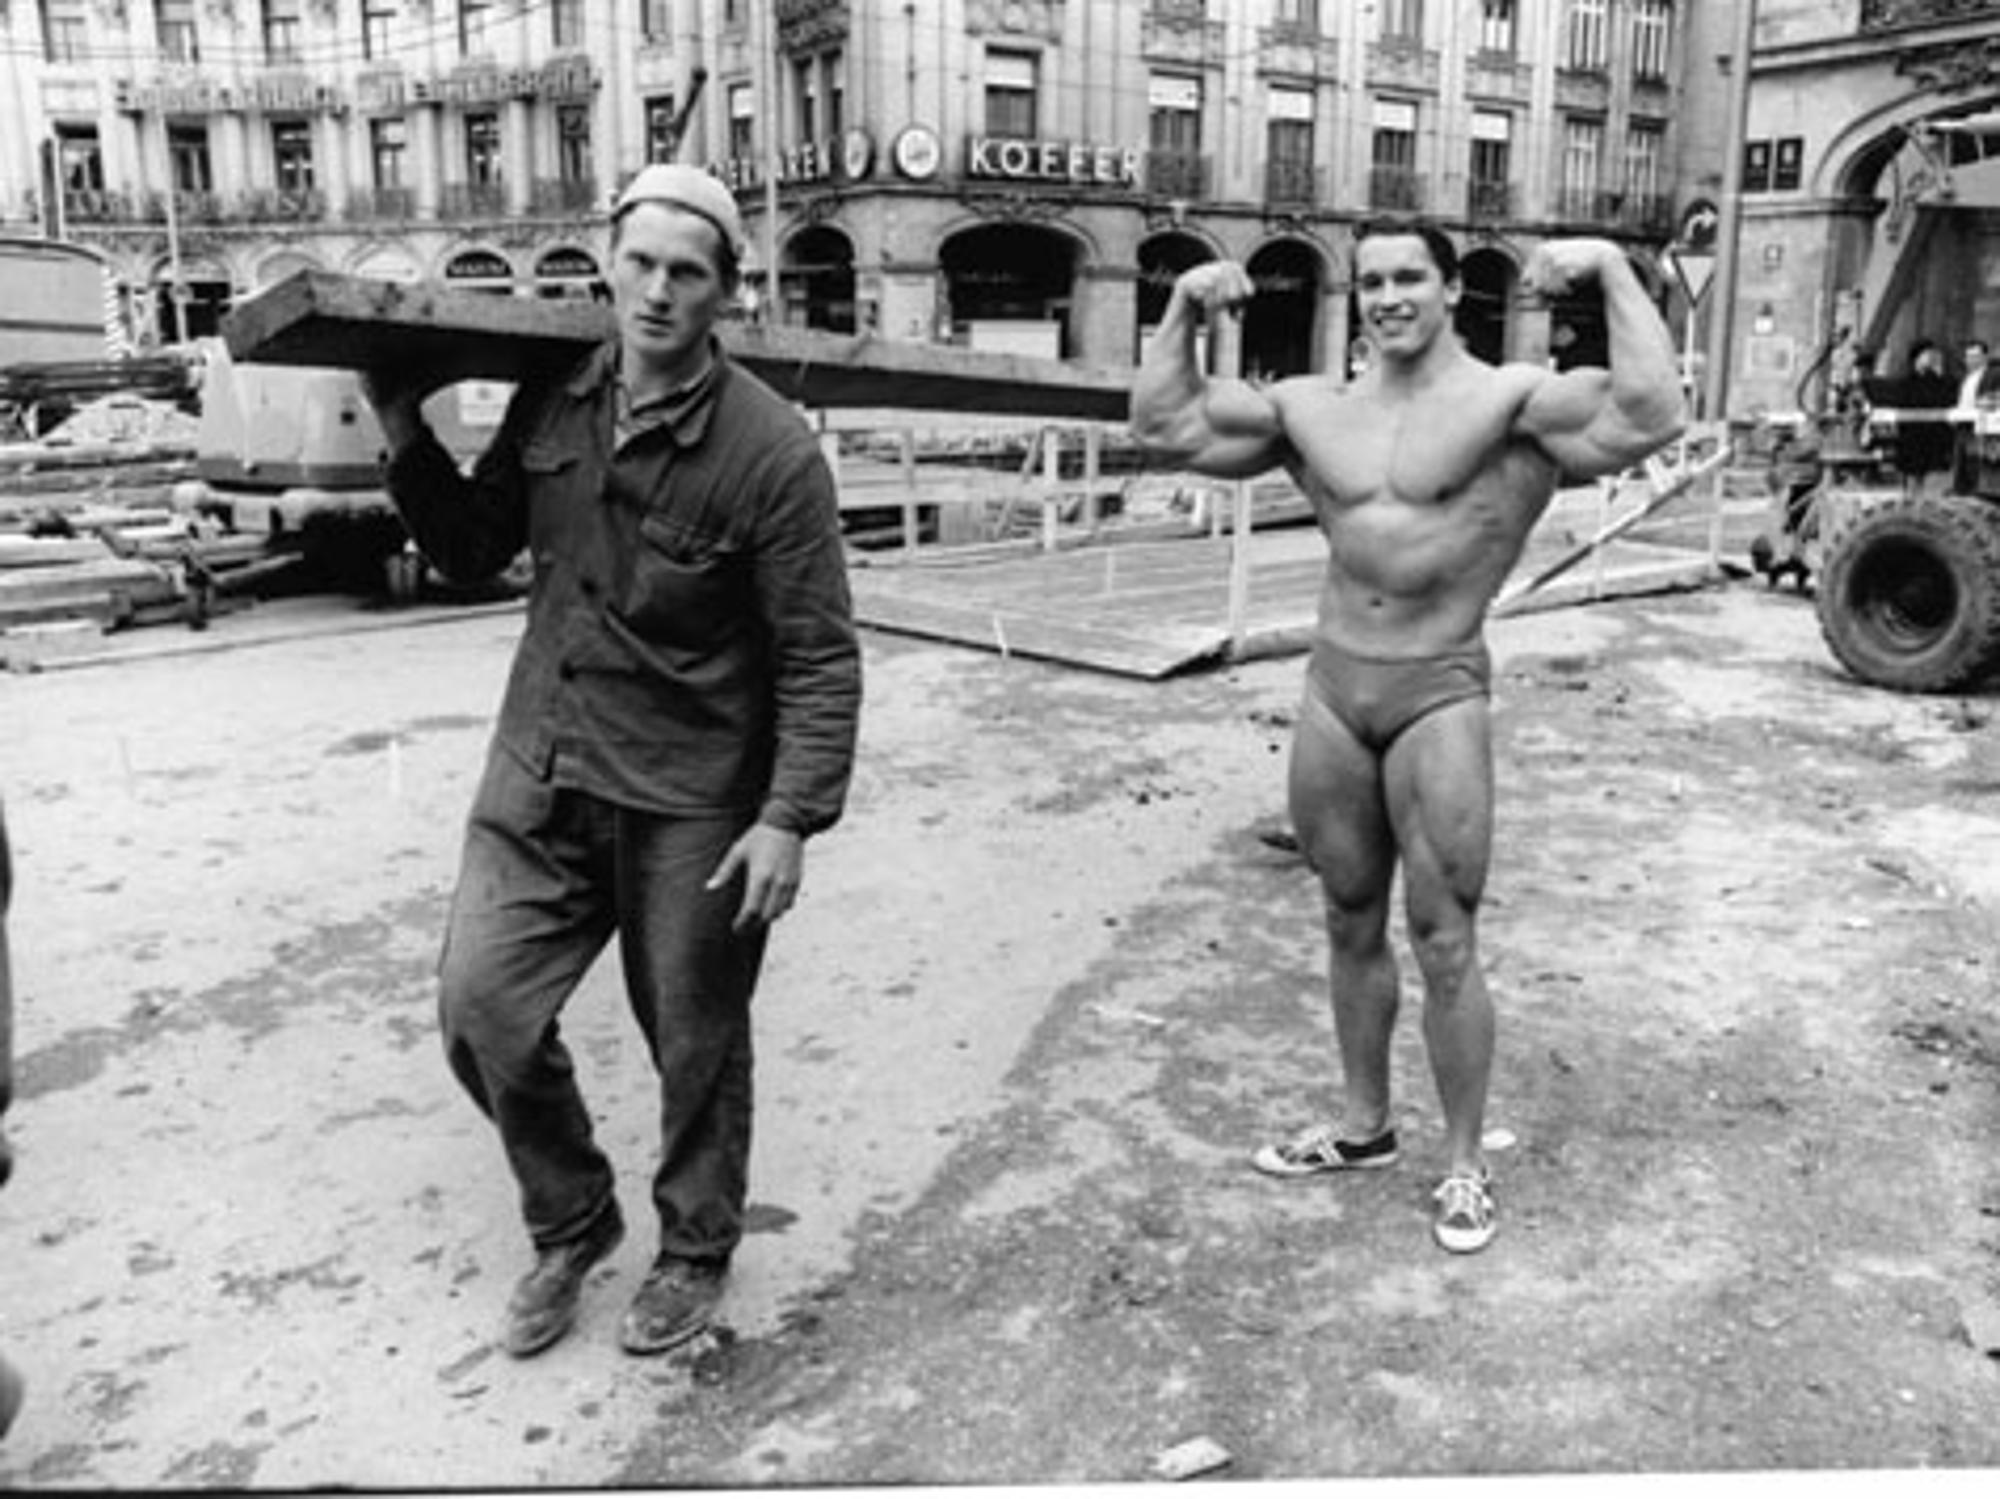 arnold schwarzenegger vergangenheit in mnchen - Arnold Schwarzenegger Lebenslauf